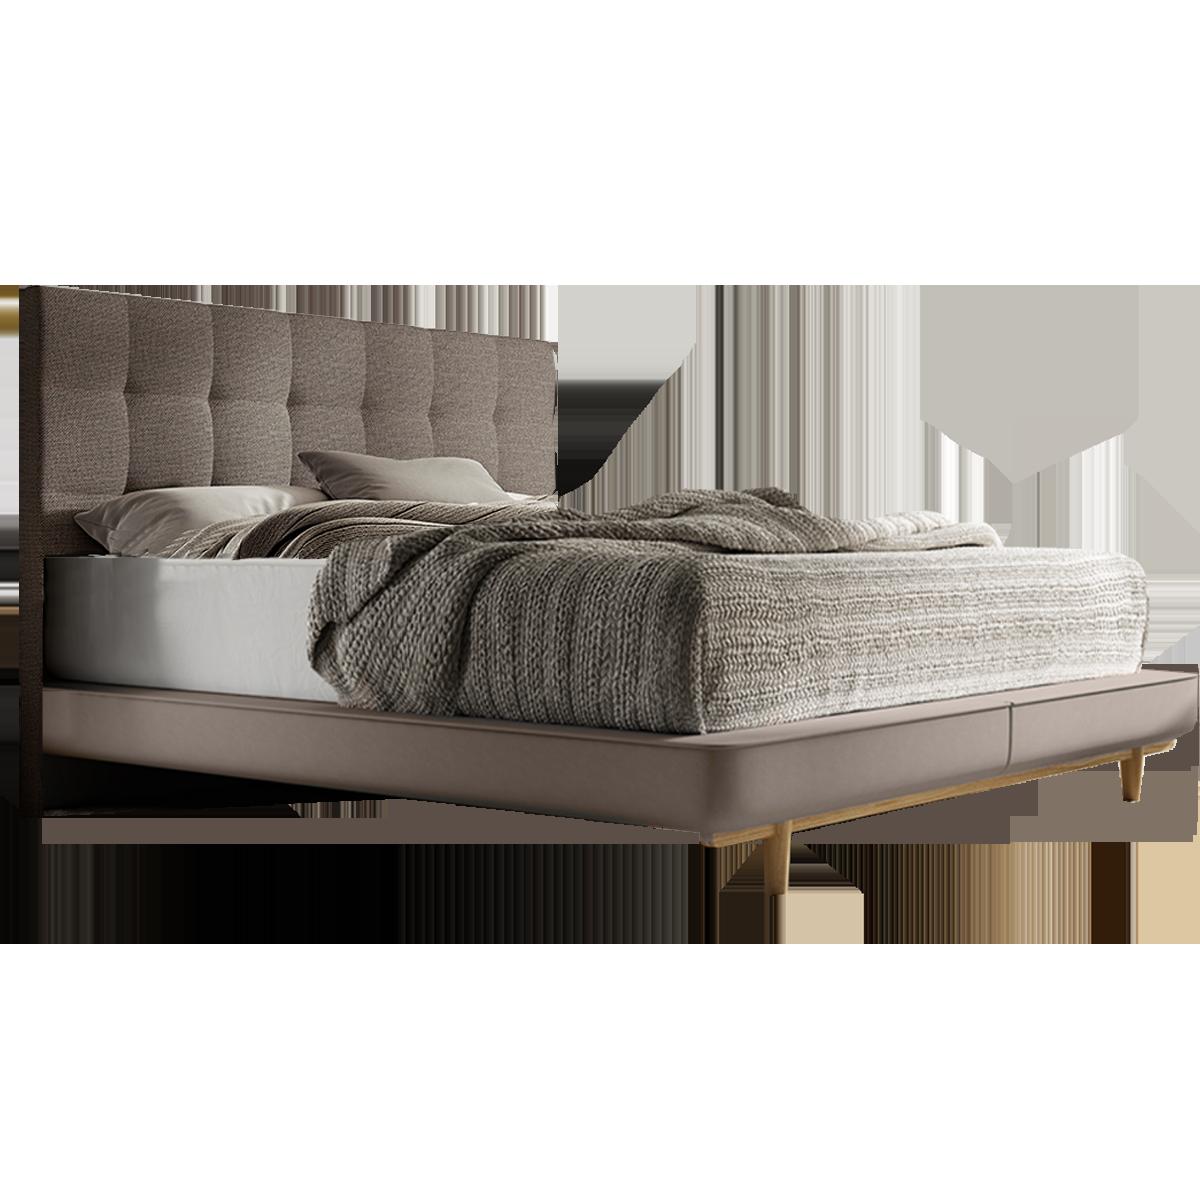 m bel online shop einrichtung und m bel von alco. Black Bedroom Furniture Sets. Home Design Ideas